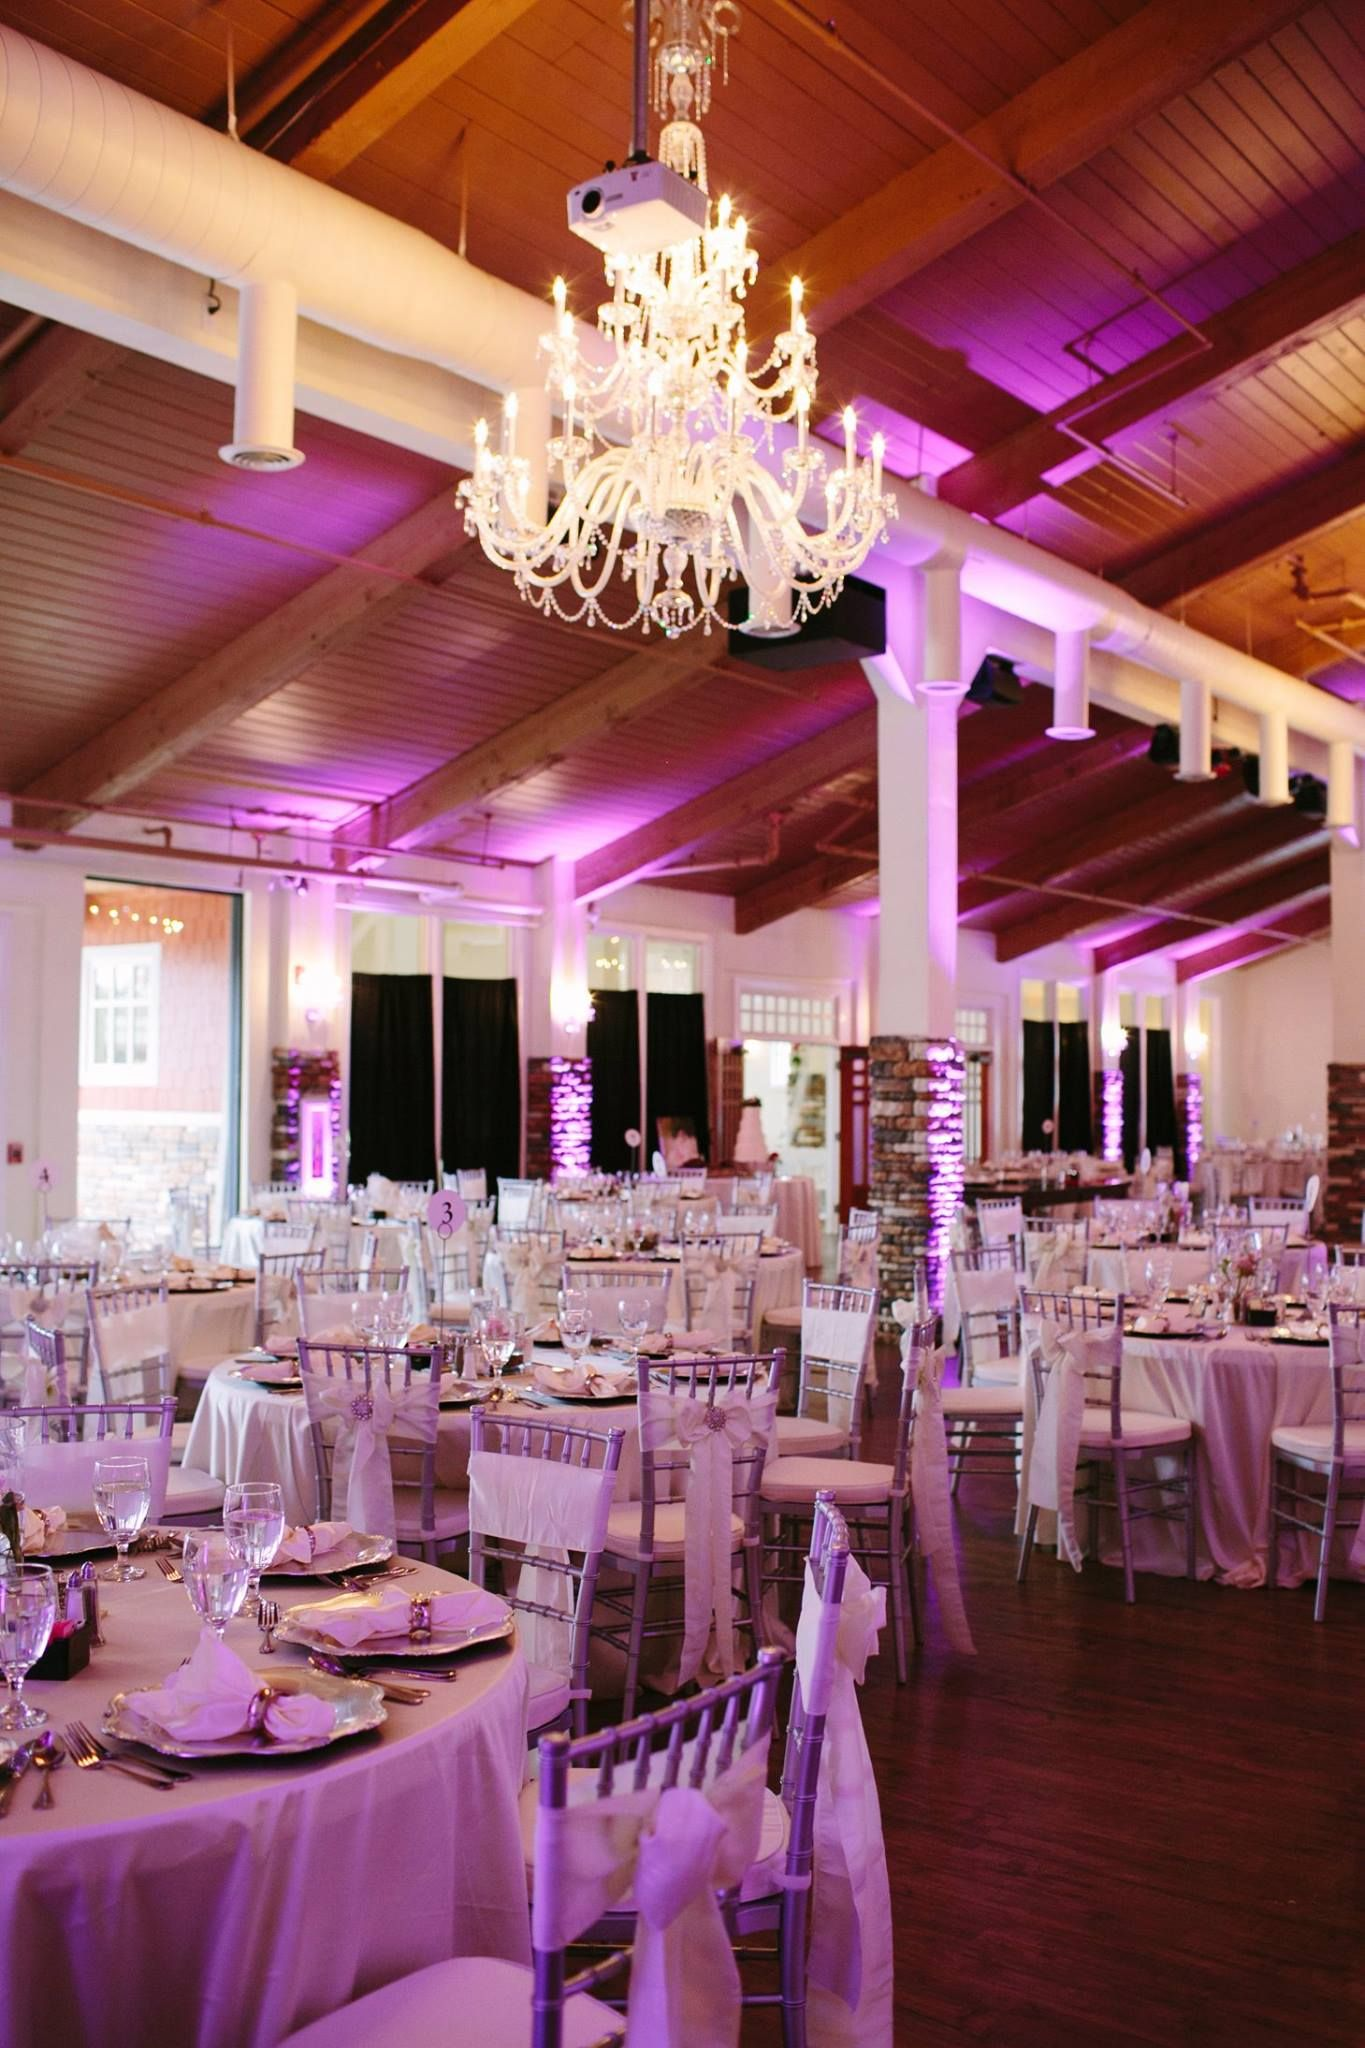 The Overlook Wedding Venue North East Houston Overlook Weddings